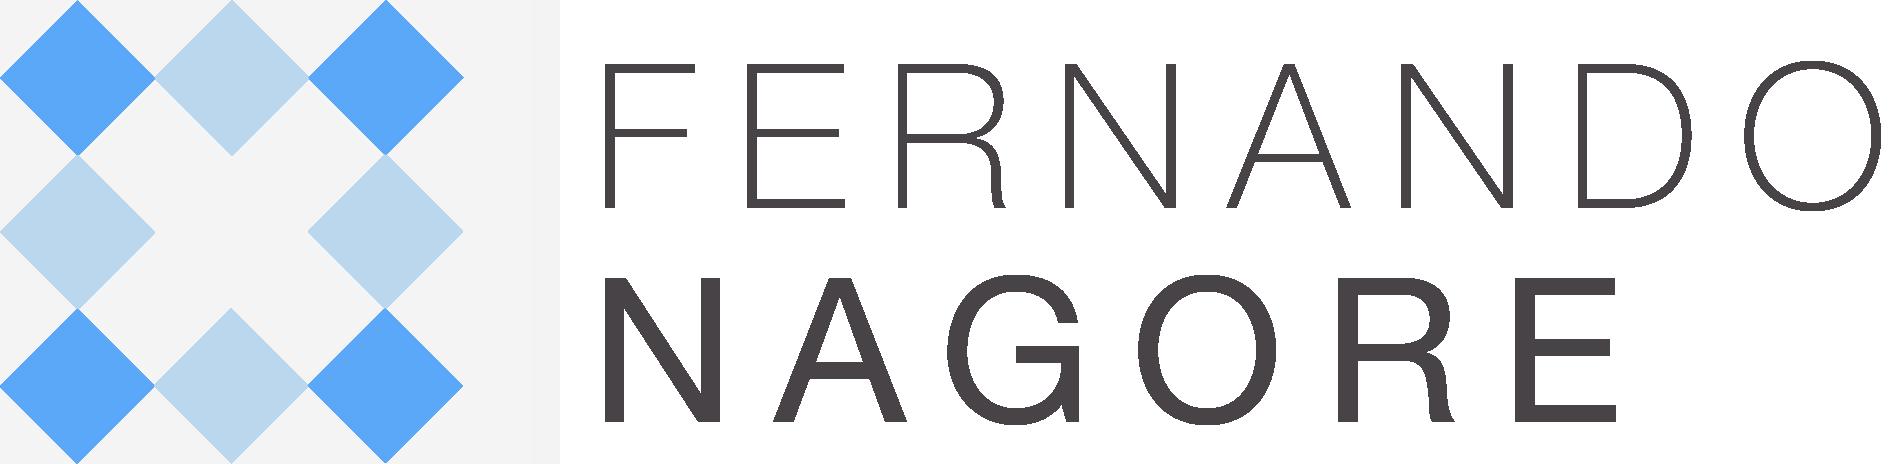 Fernando Nagore